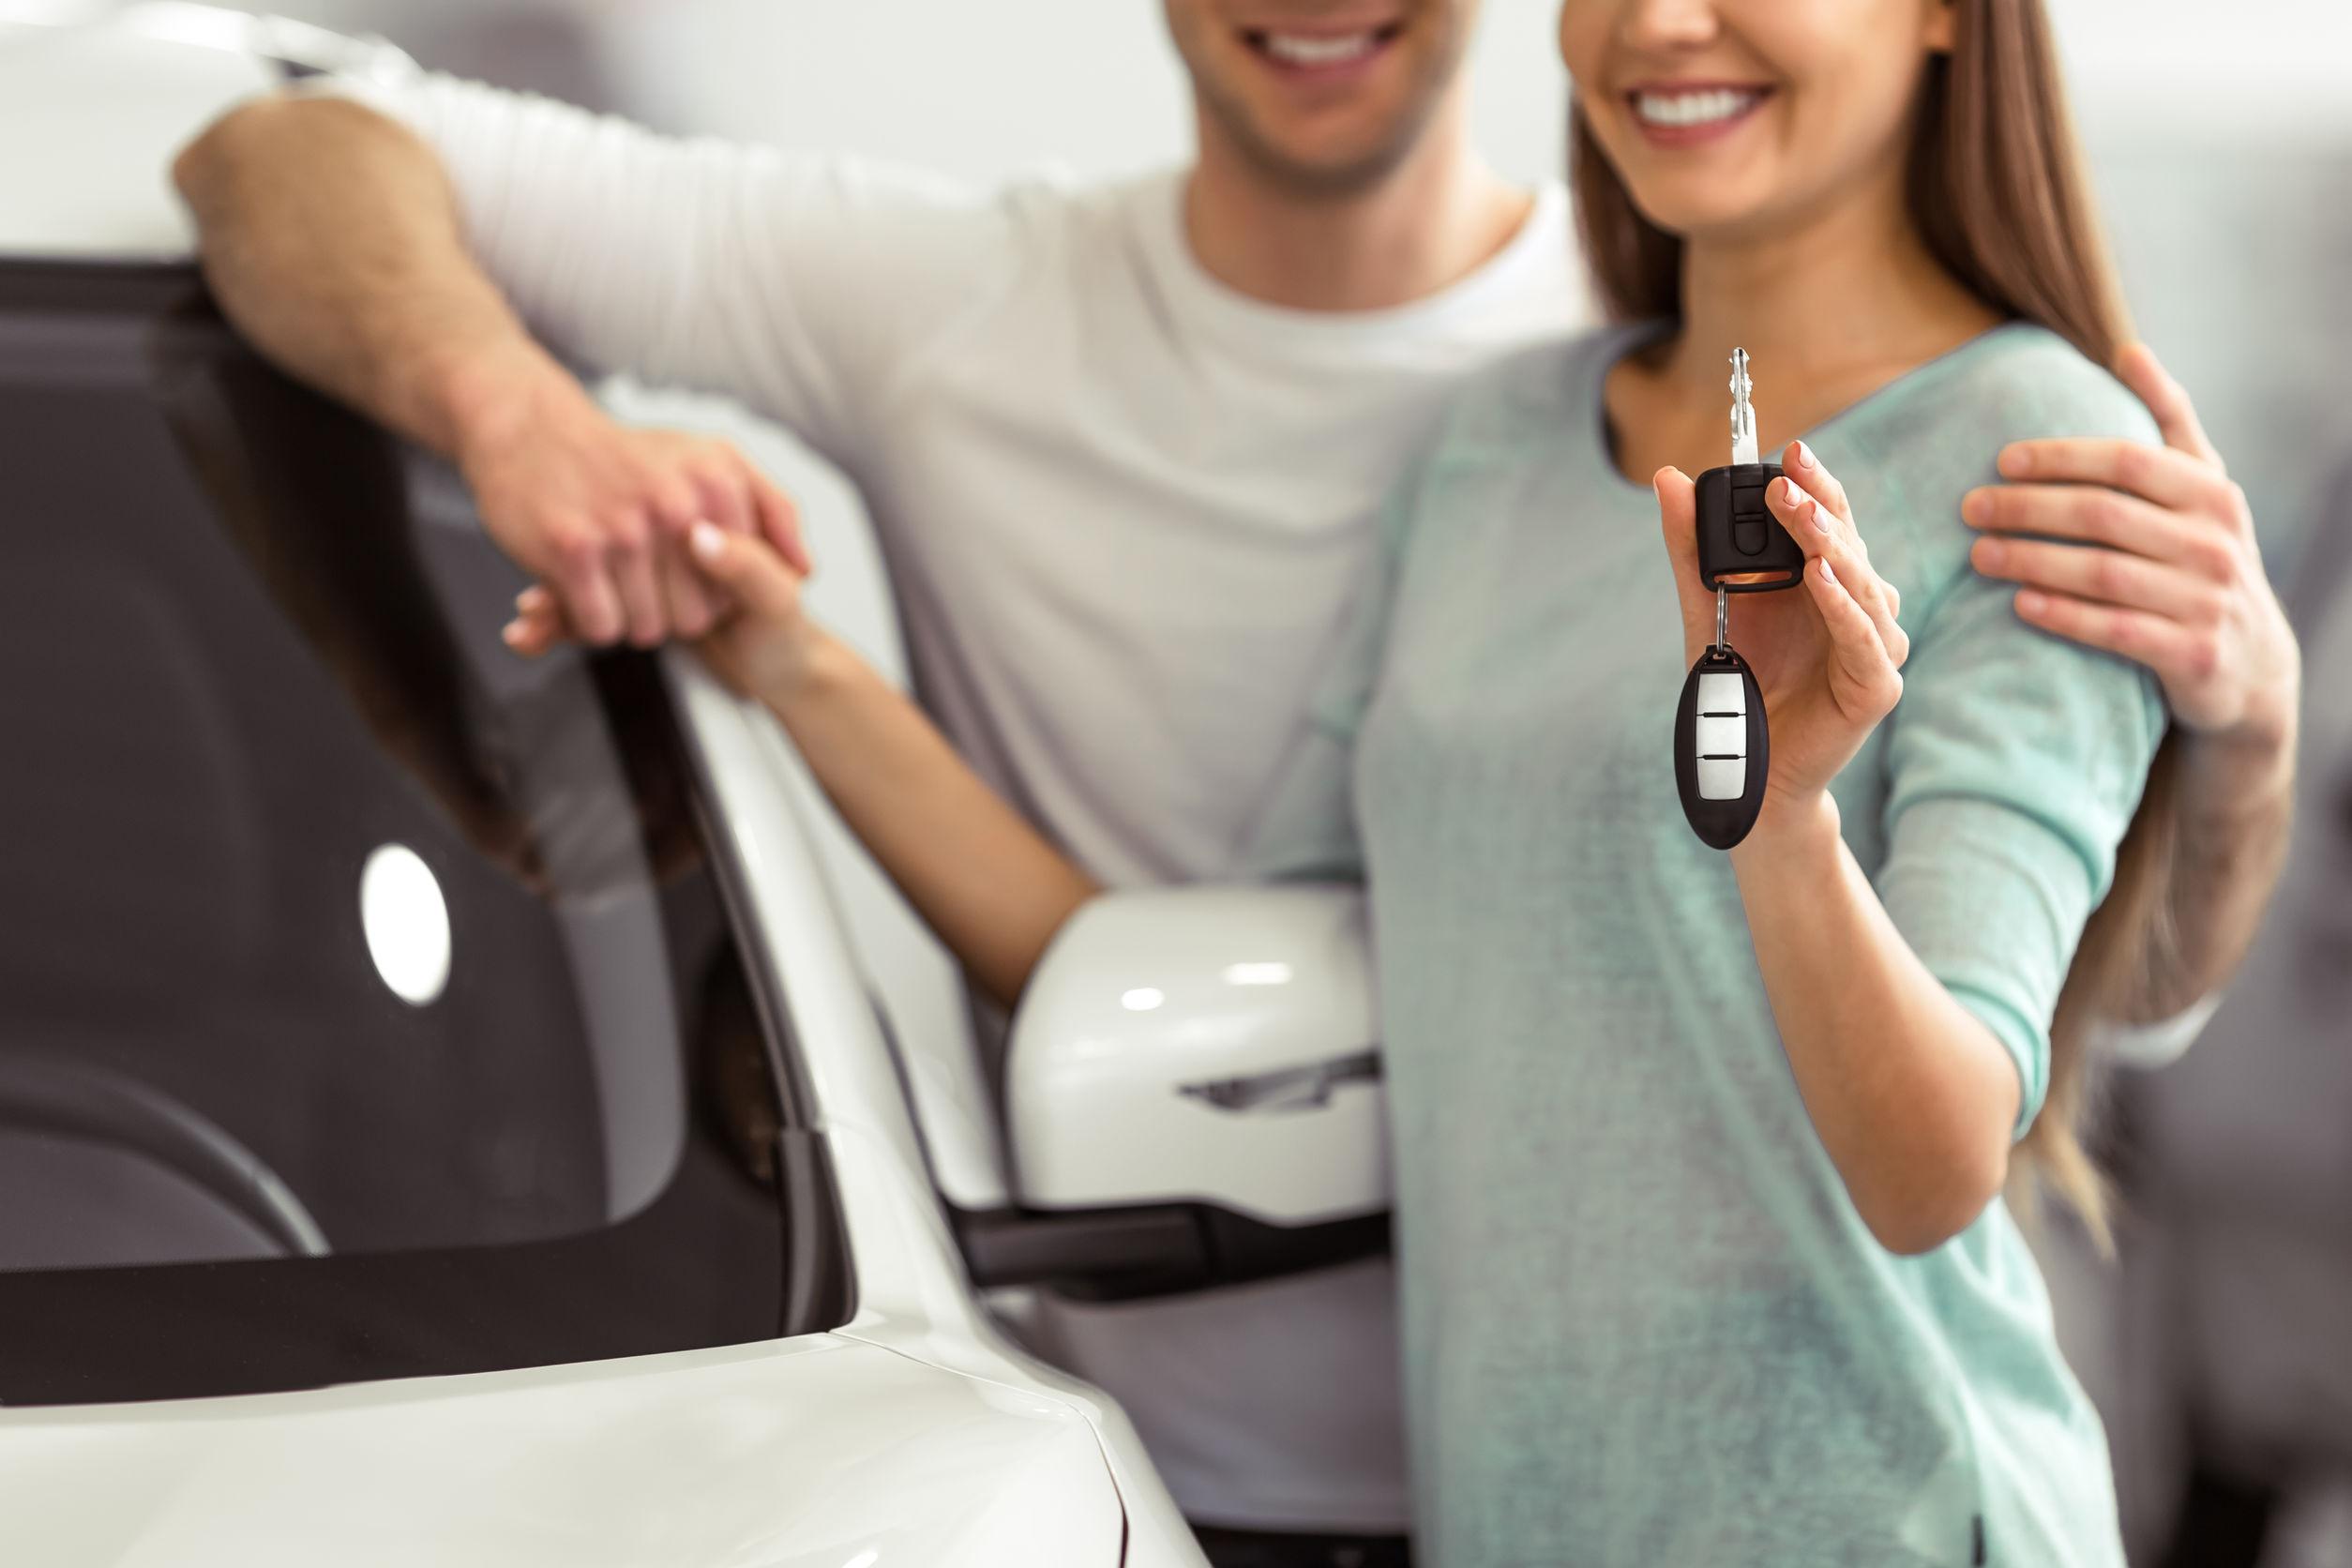 ซื้อประกันภัยรถยนต์ ต้องพิจารณาอะไรบ้าง?